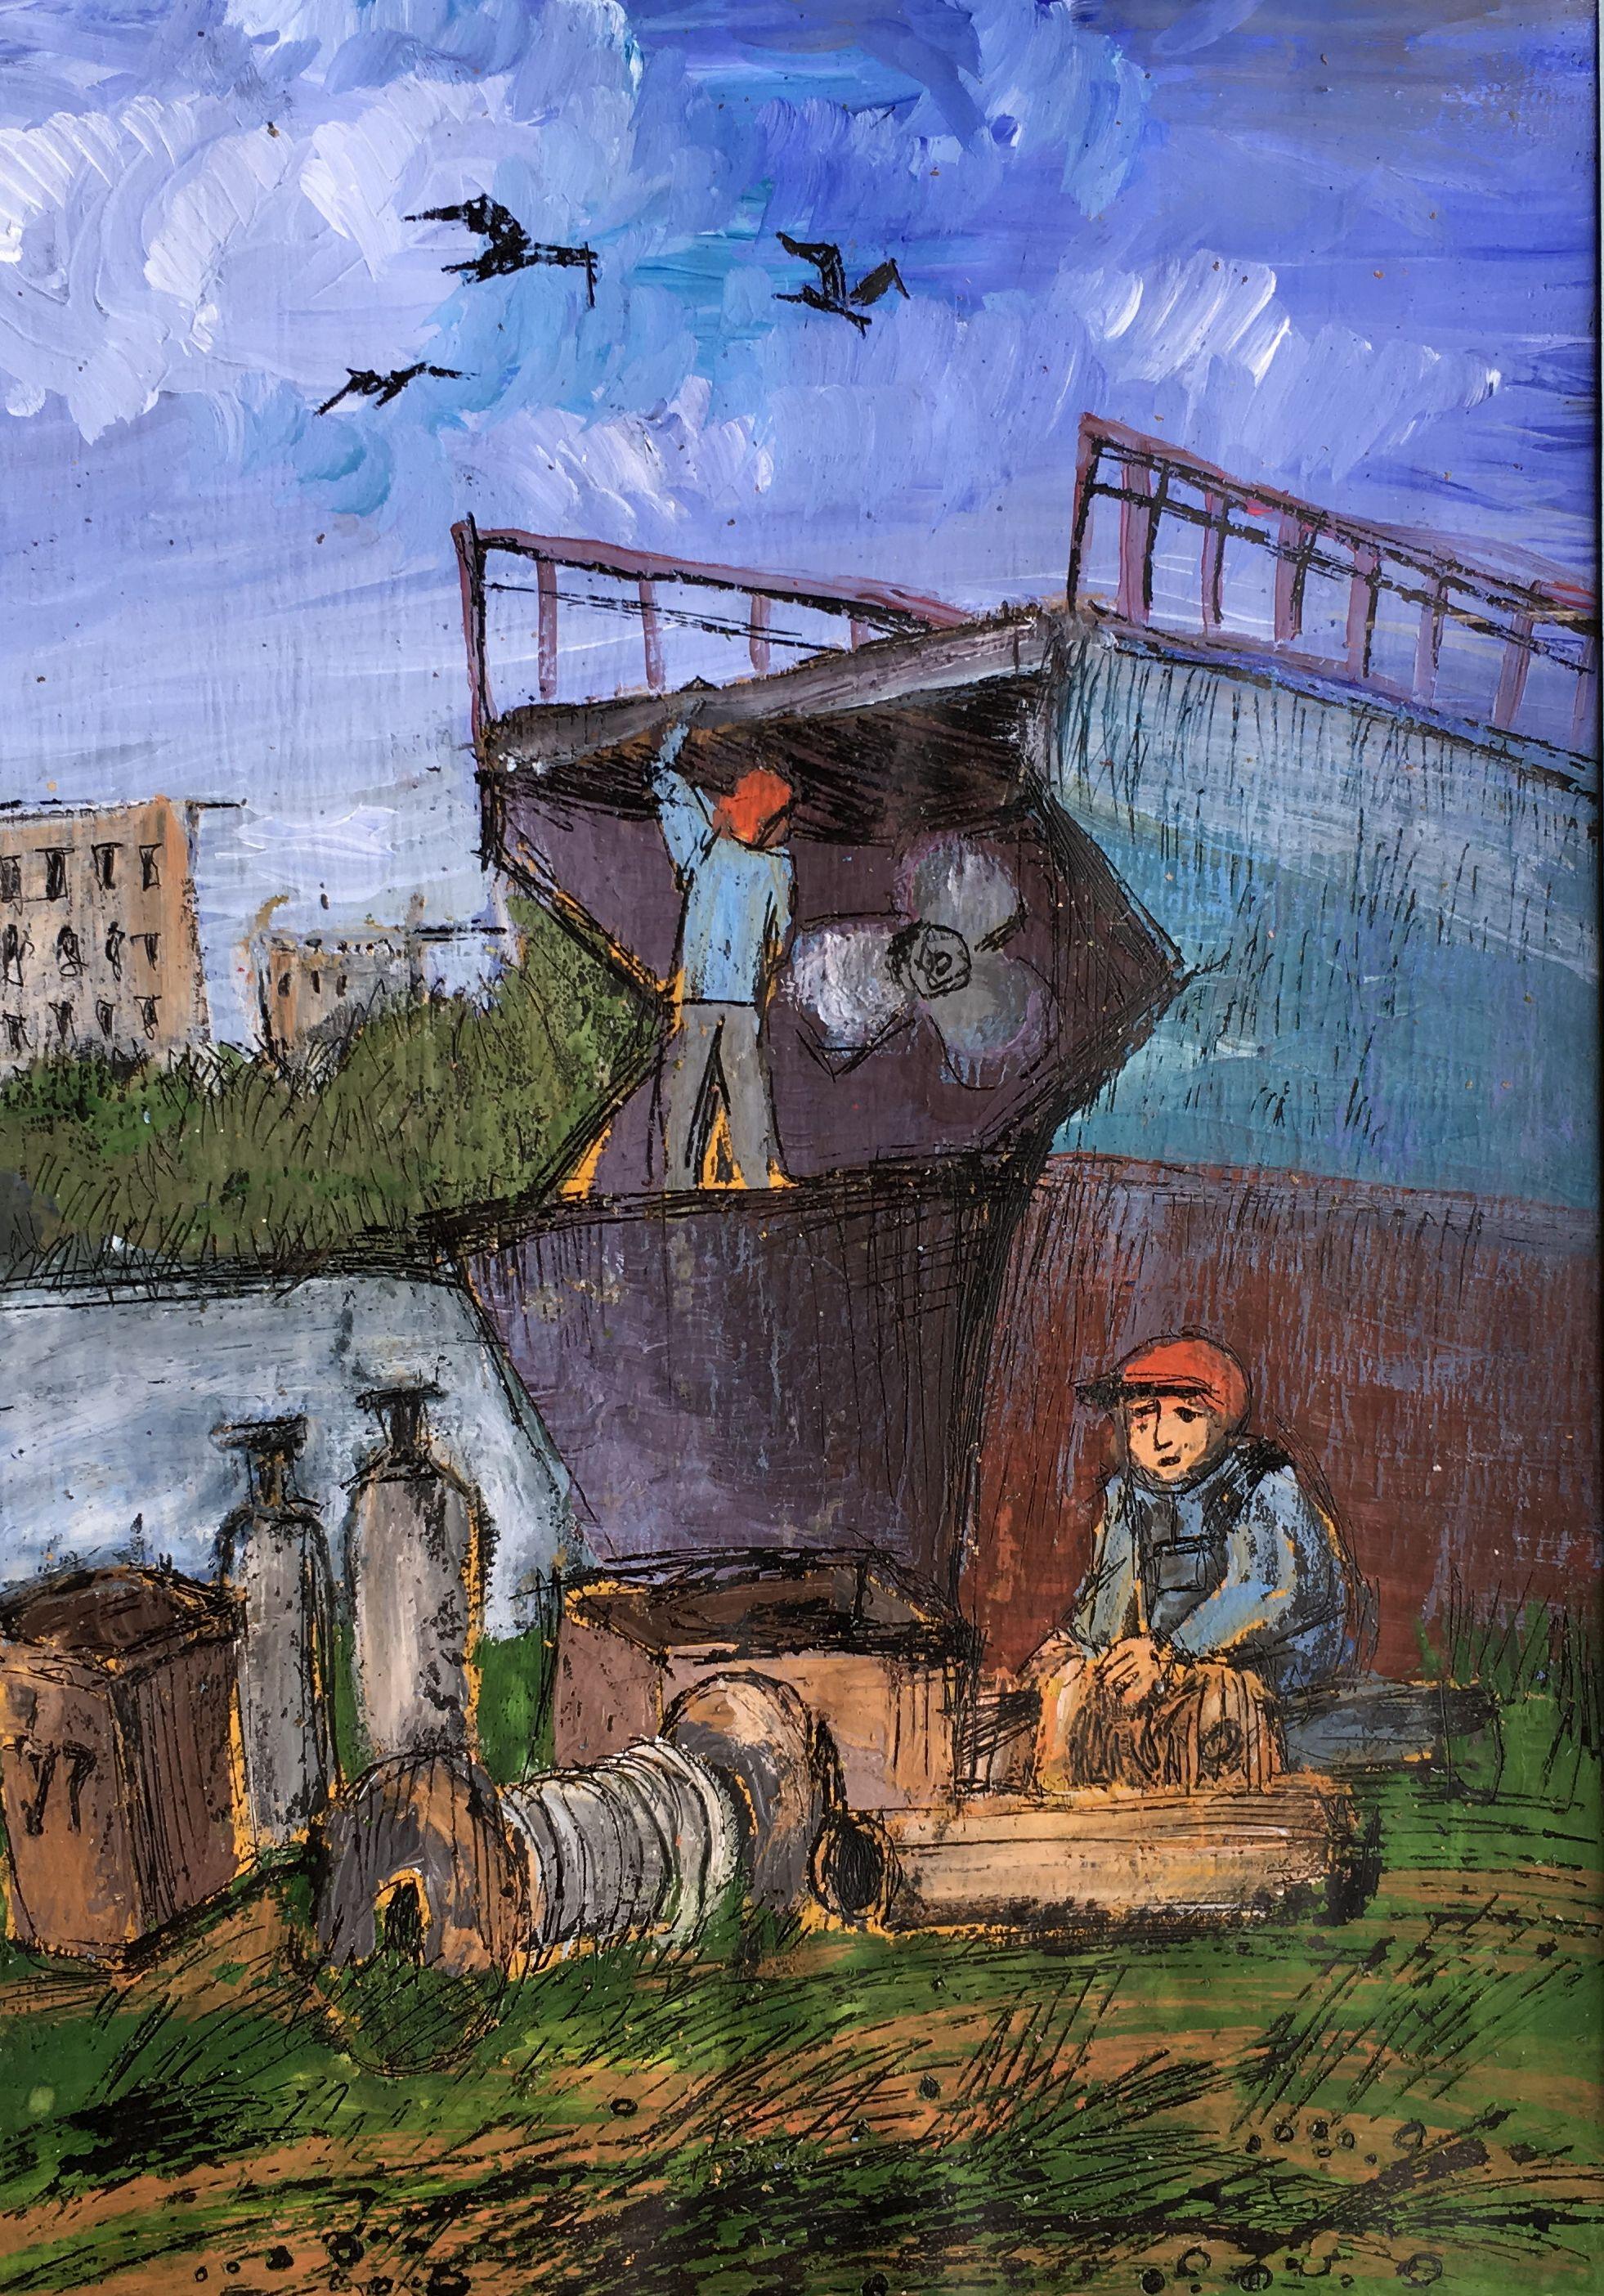 Красикова Анастасия. 13 лет. «Строительство коробля», воскография. Преподаватель [О. Д. Гоголева](/teacher/od-gogoleva)